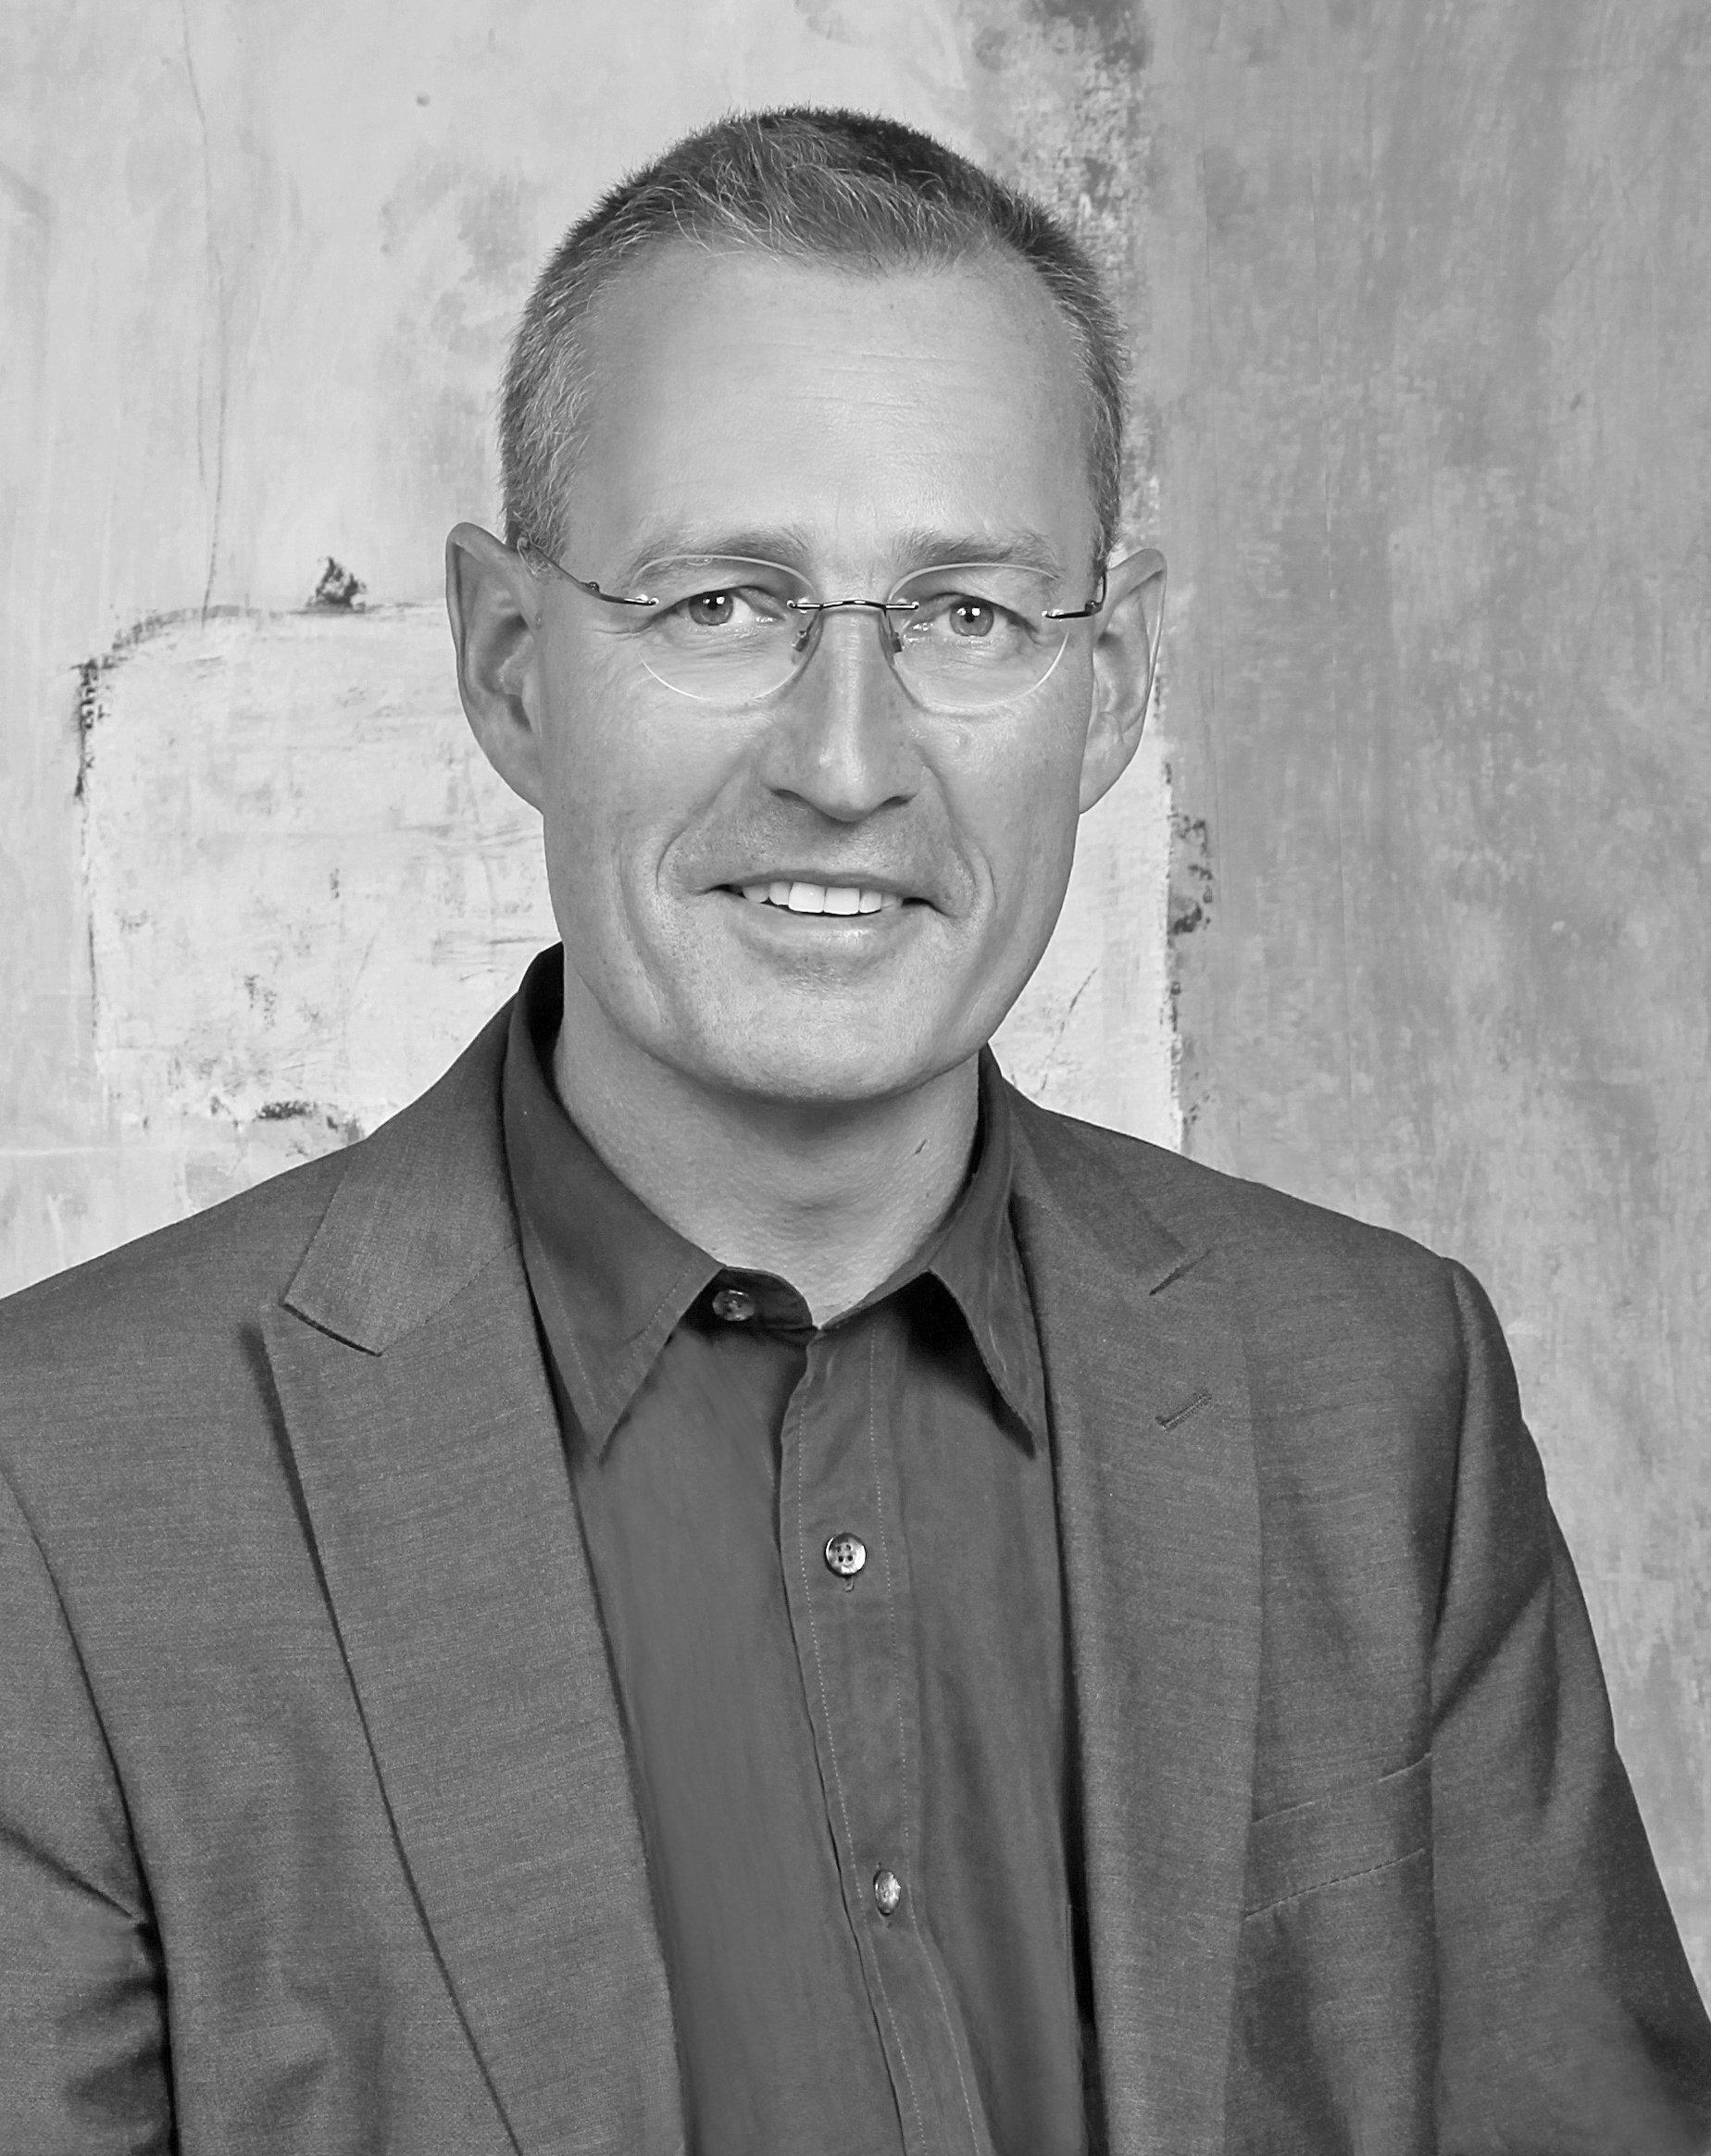 Dr. Robert Kaltenbrunner